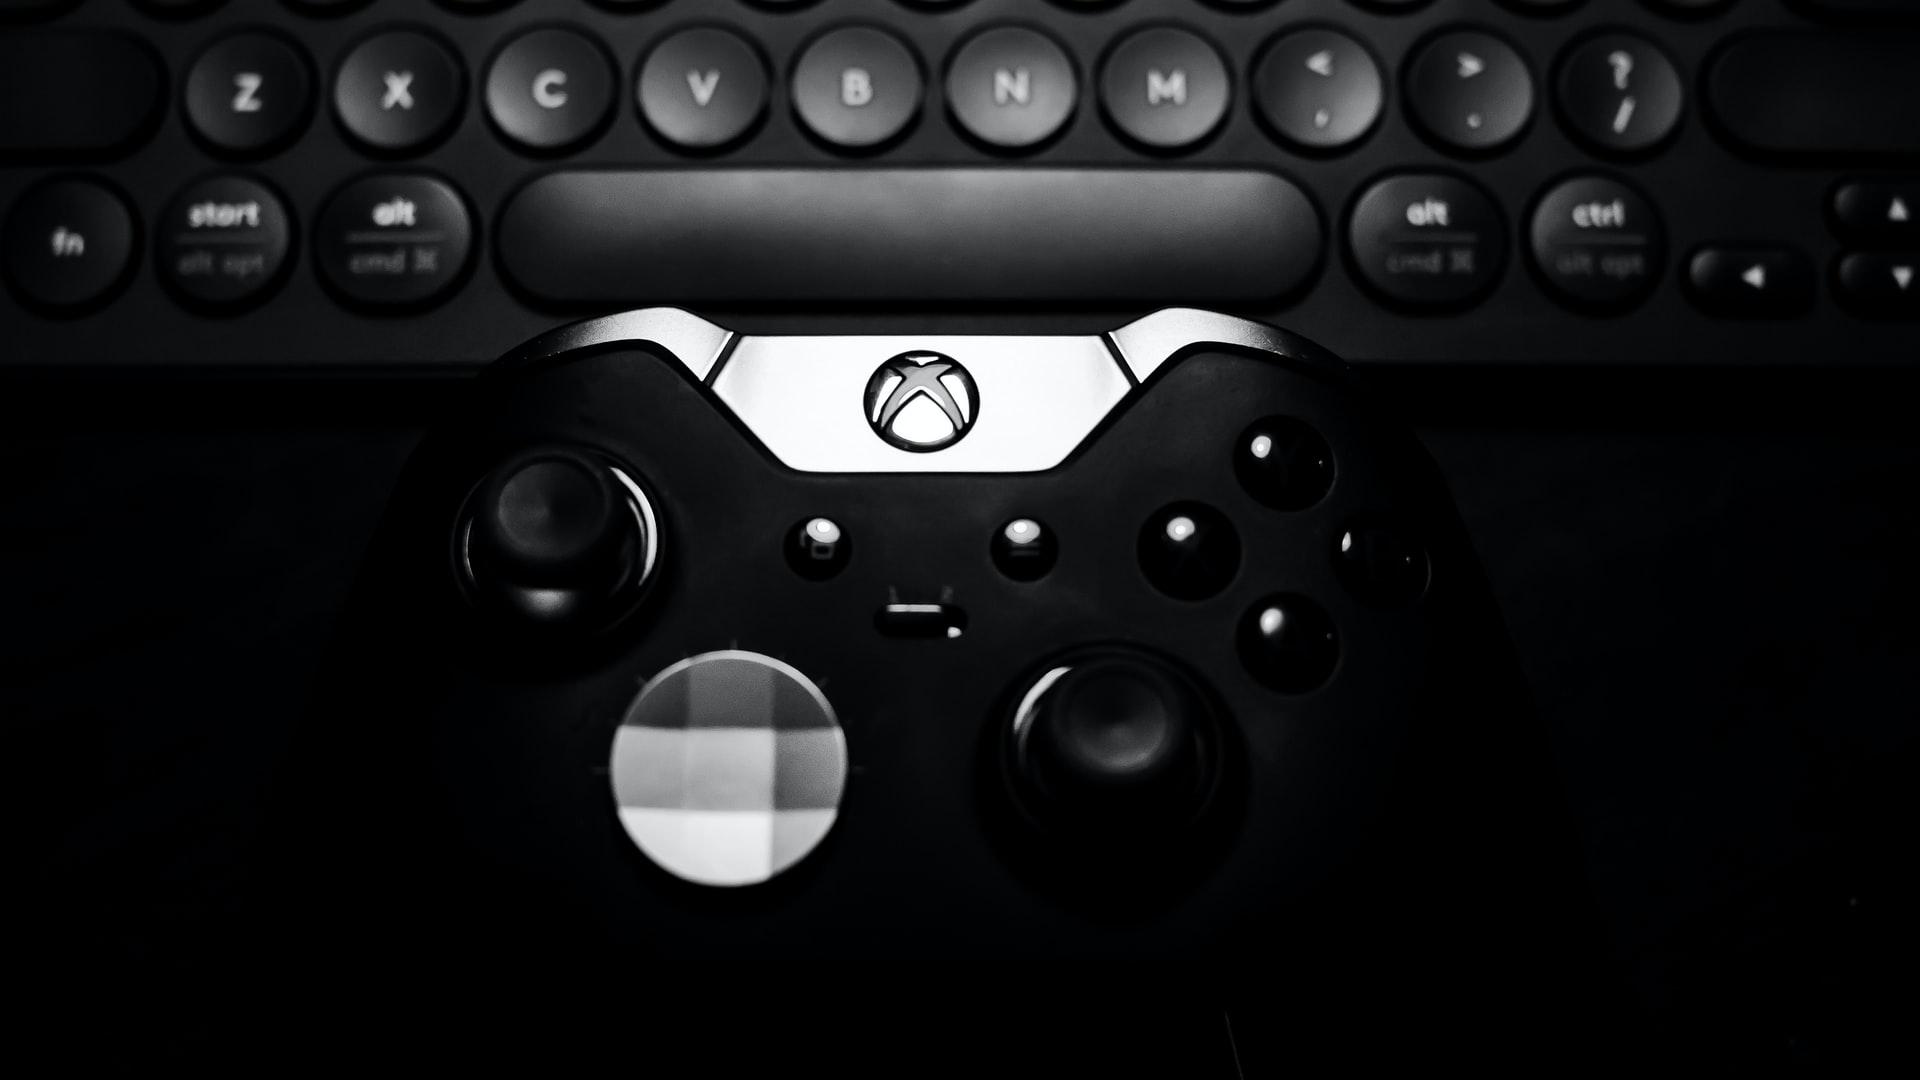 Une photo du contrôleur Elite de la Xbox One